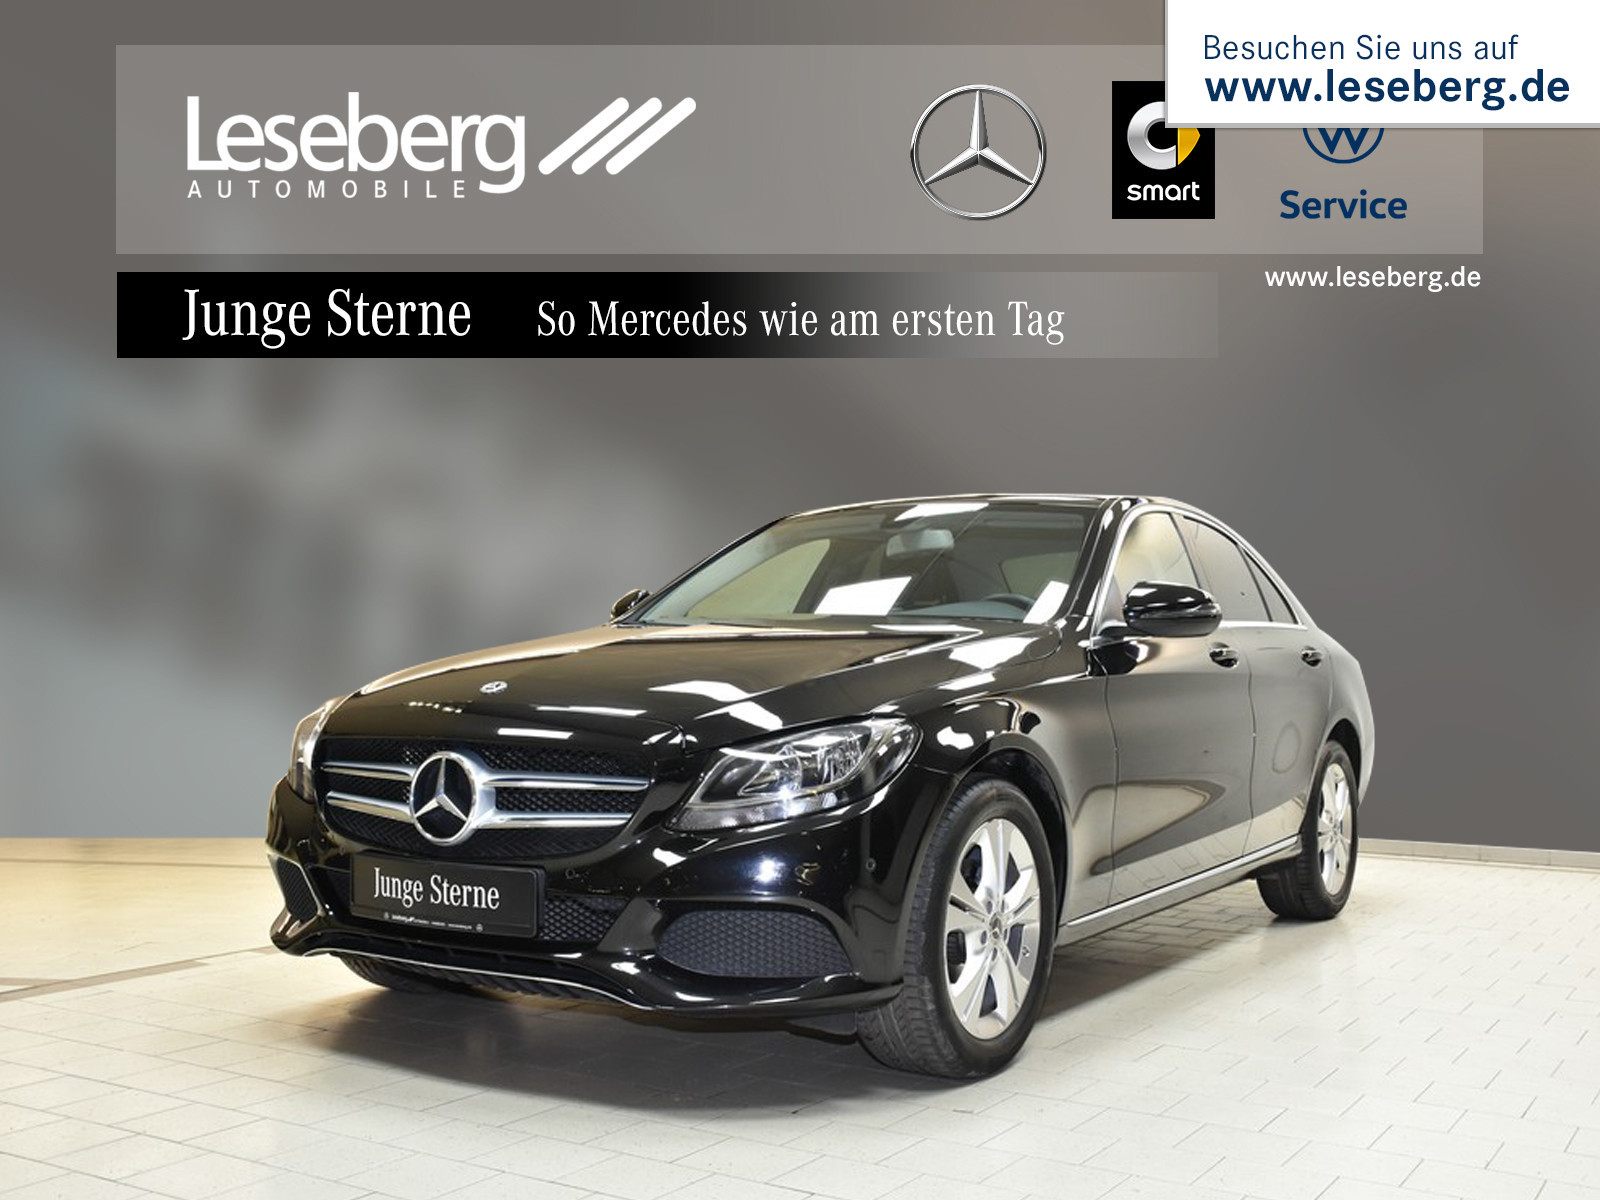 Mercedes-Benz C 180 Avantgarde/9G/PTS/Navigation/Sitzheizung, Jahr 2018, Benzin